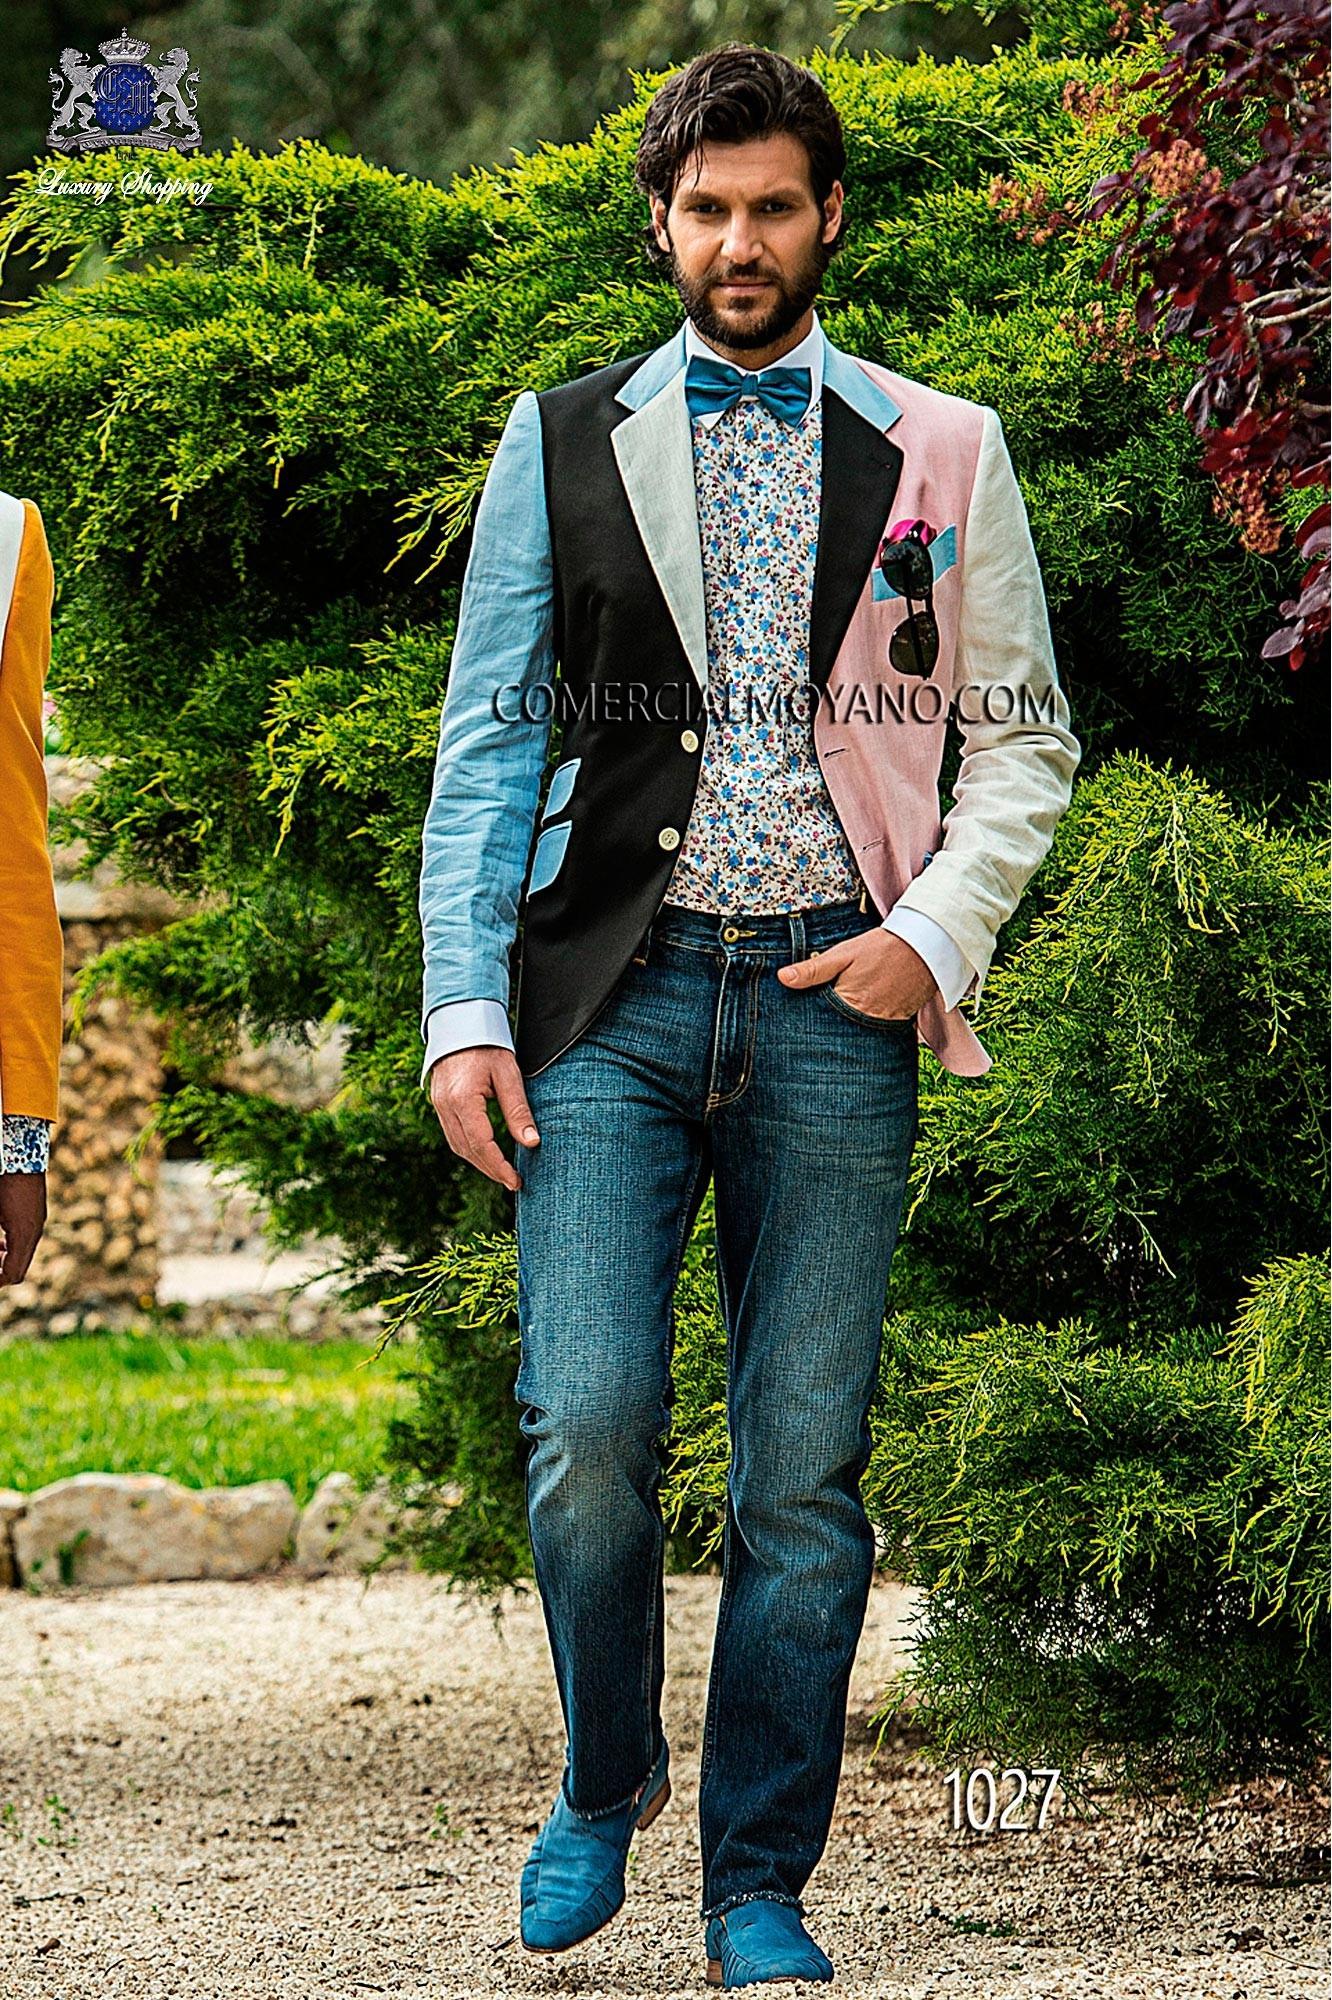 Traje de novio Hipster negro/rosa modelo: 1027 Ottavio Nuccio Gala colección Hipster